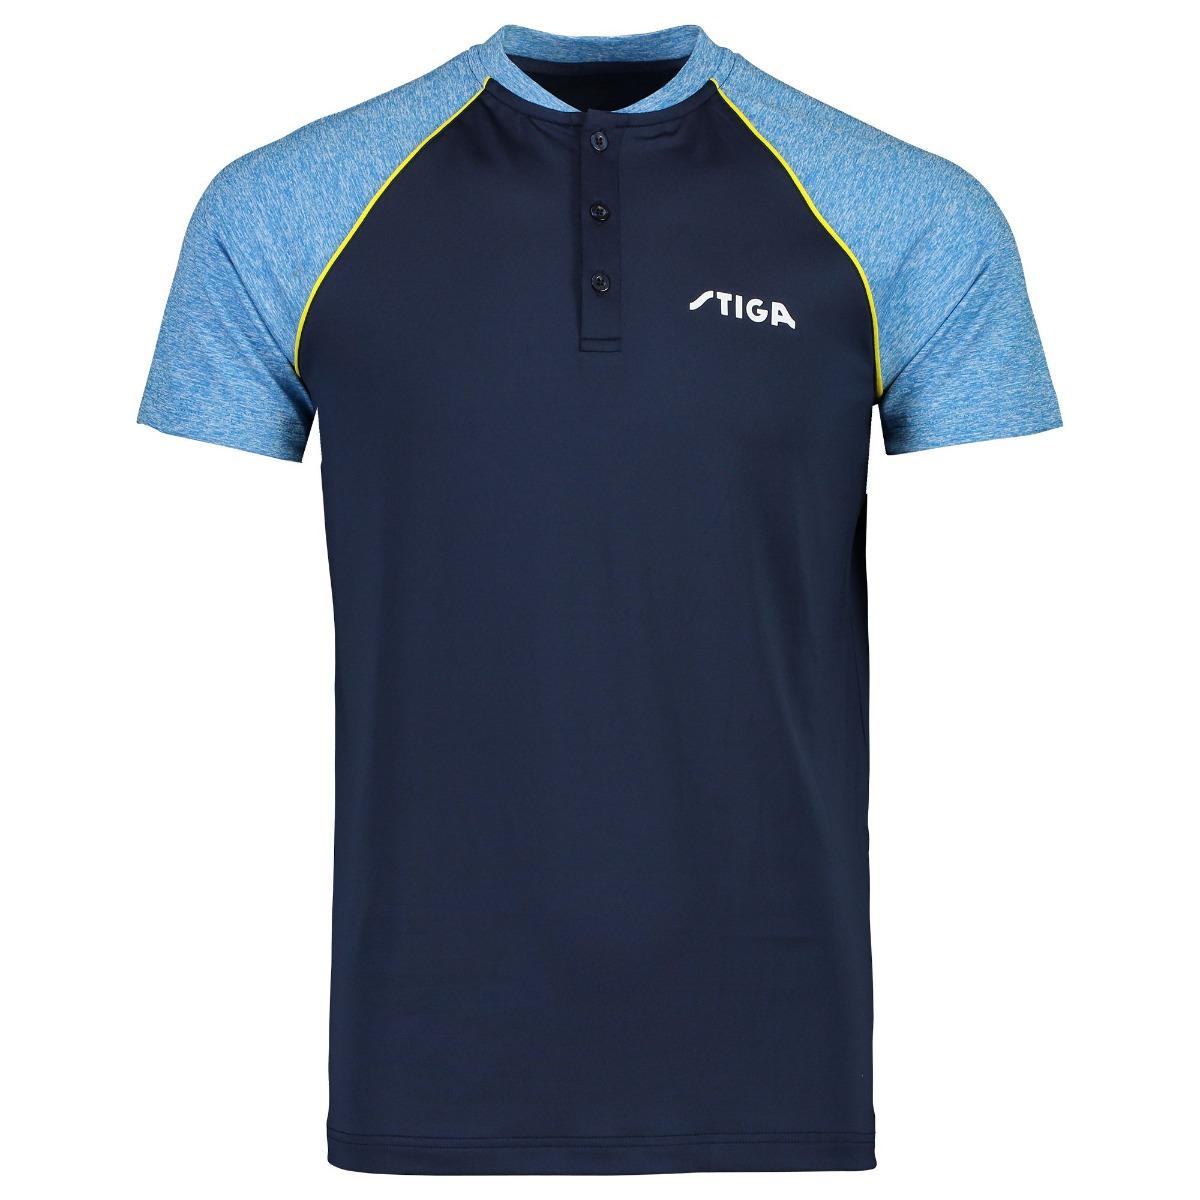 Stiga Team Navy/Blue